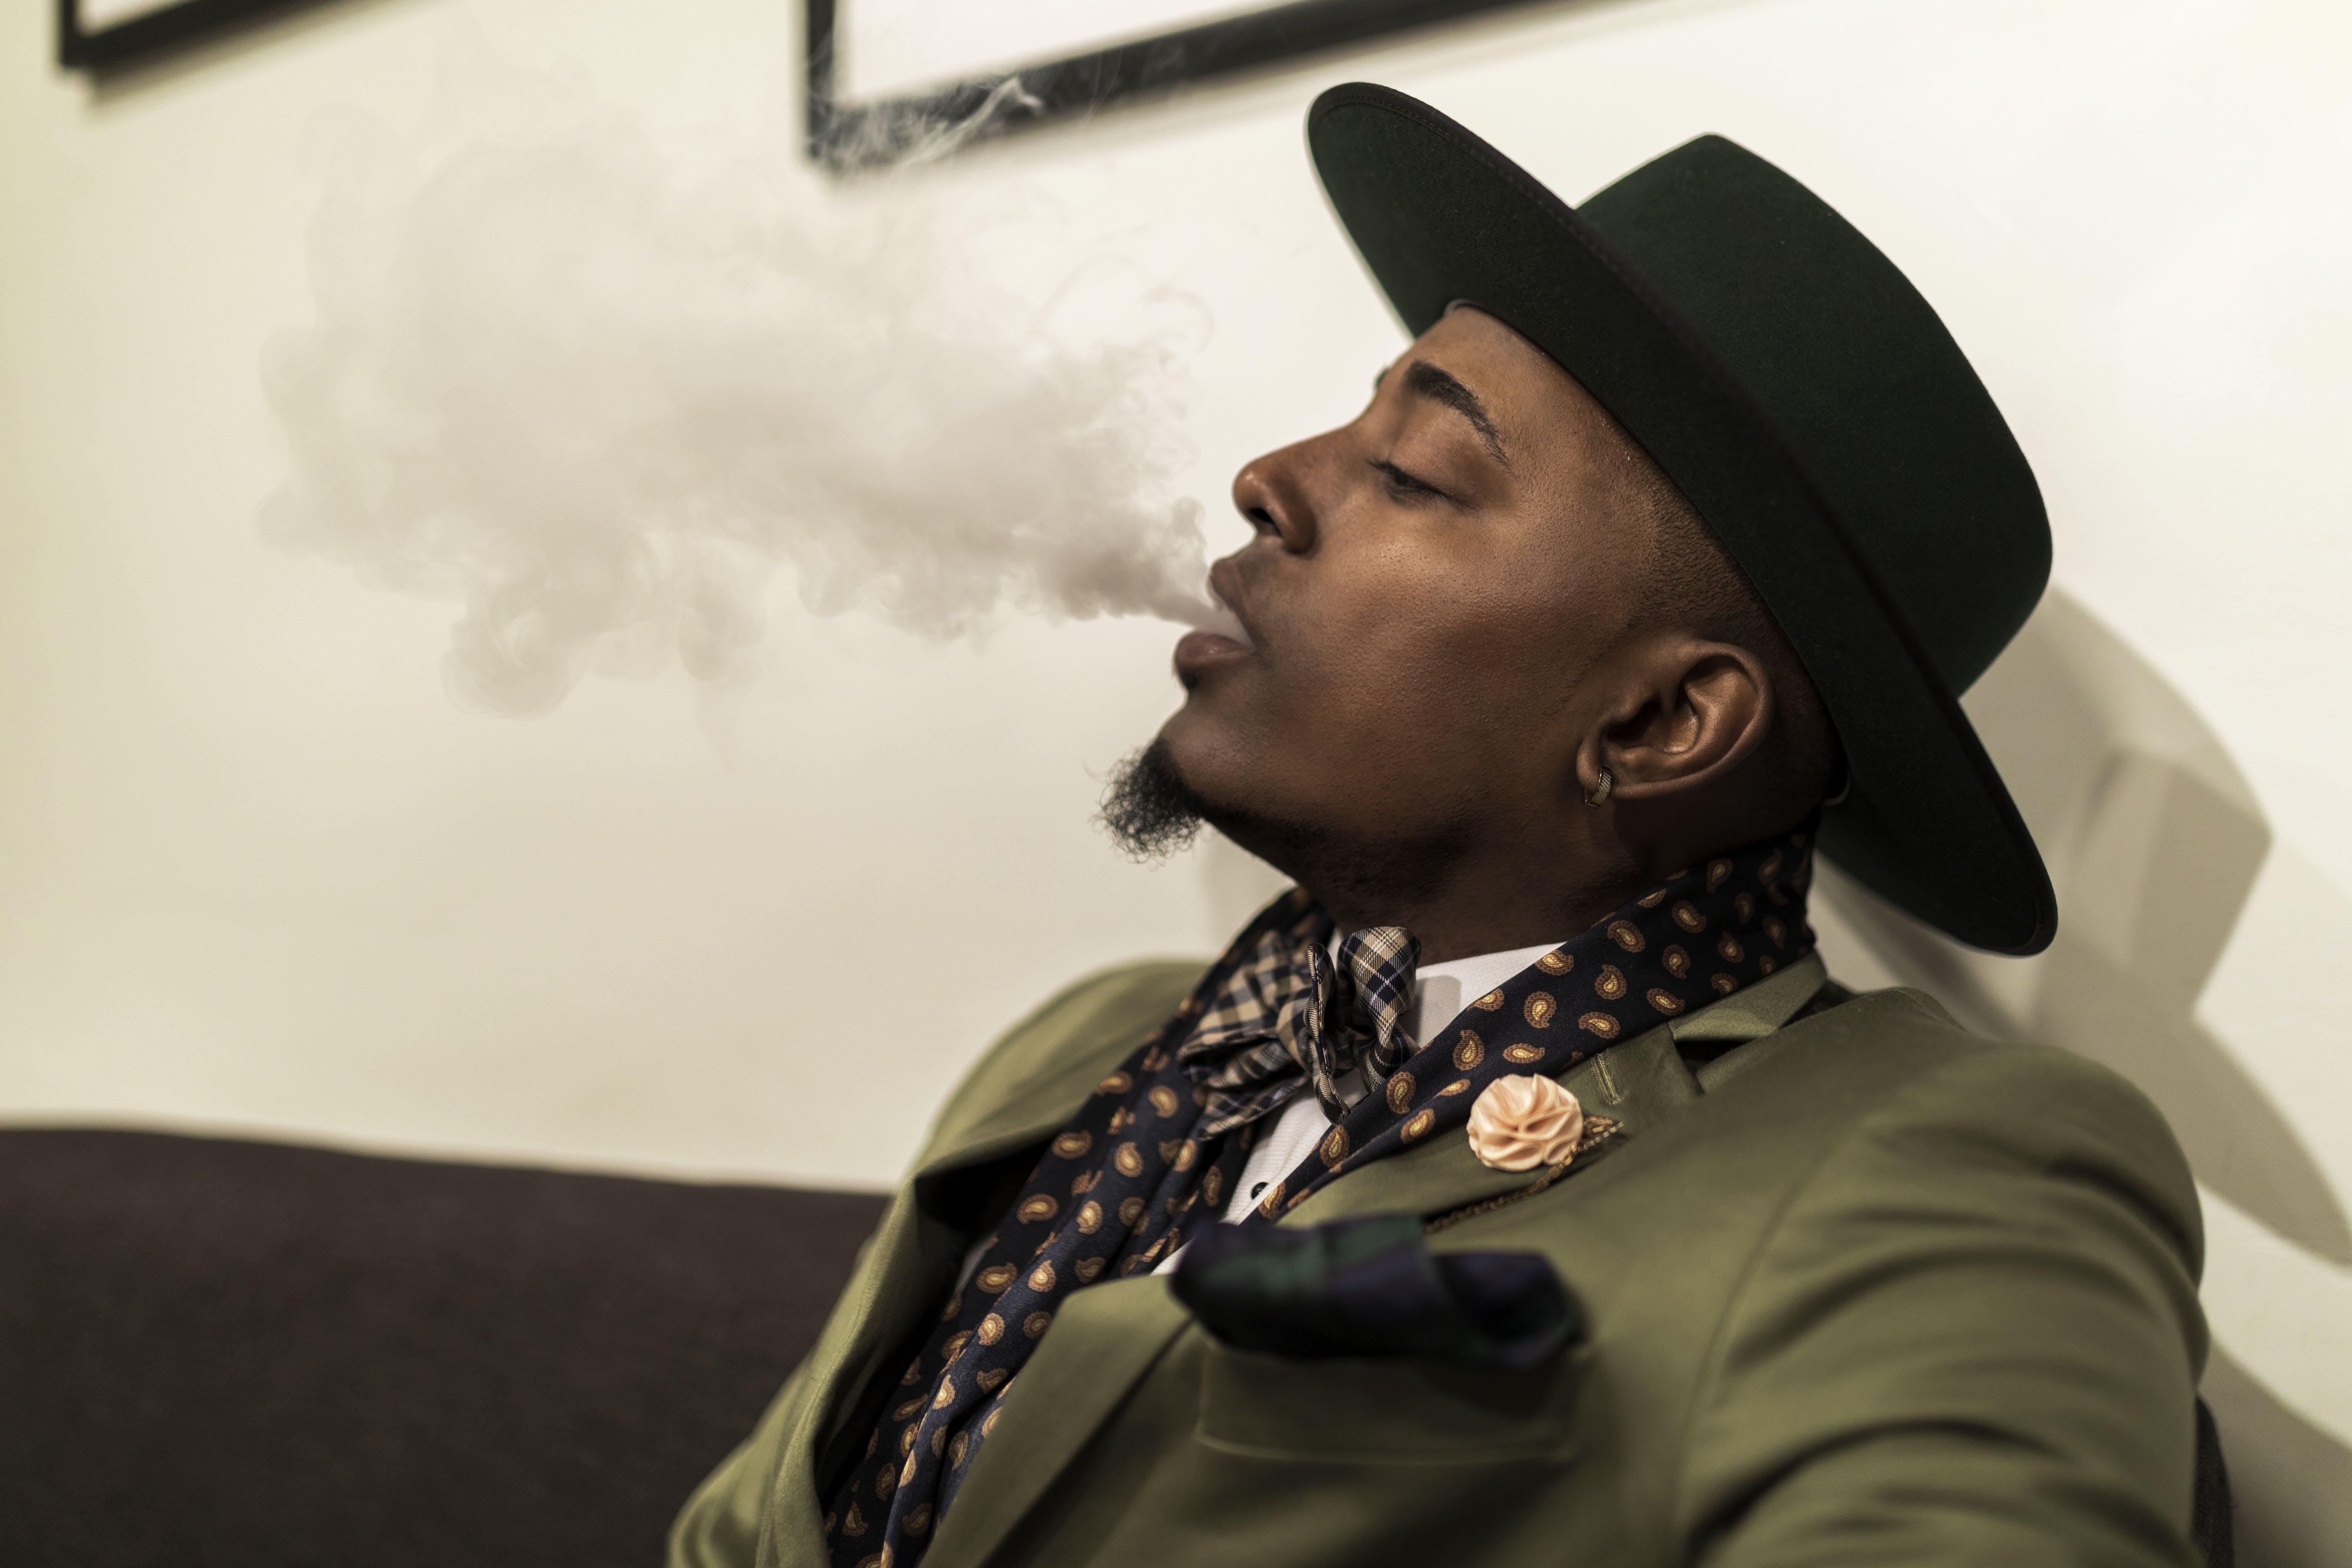 Man Blowing Smoke